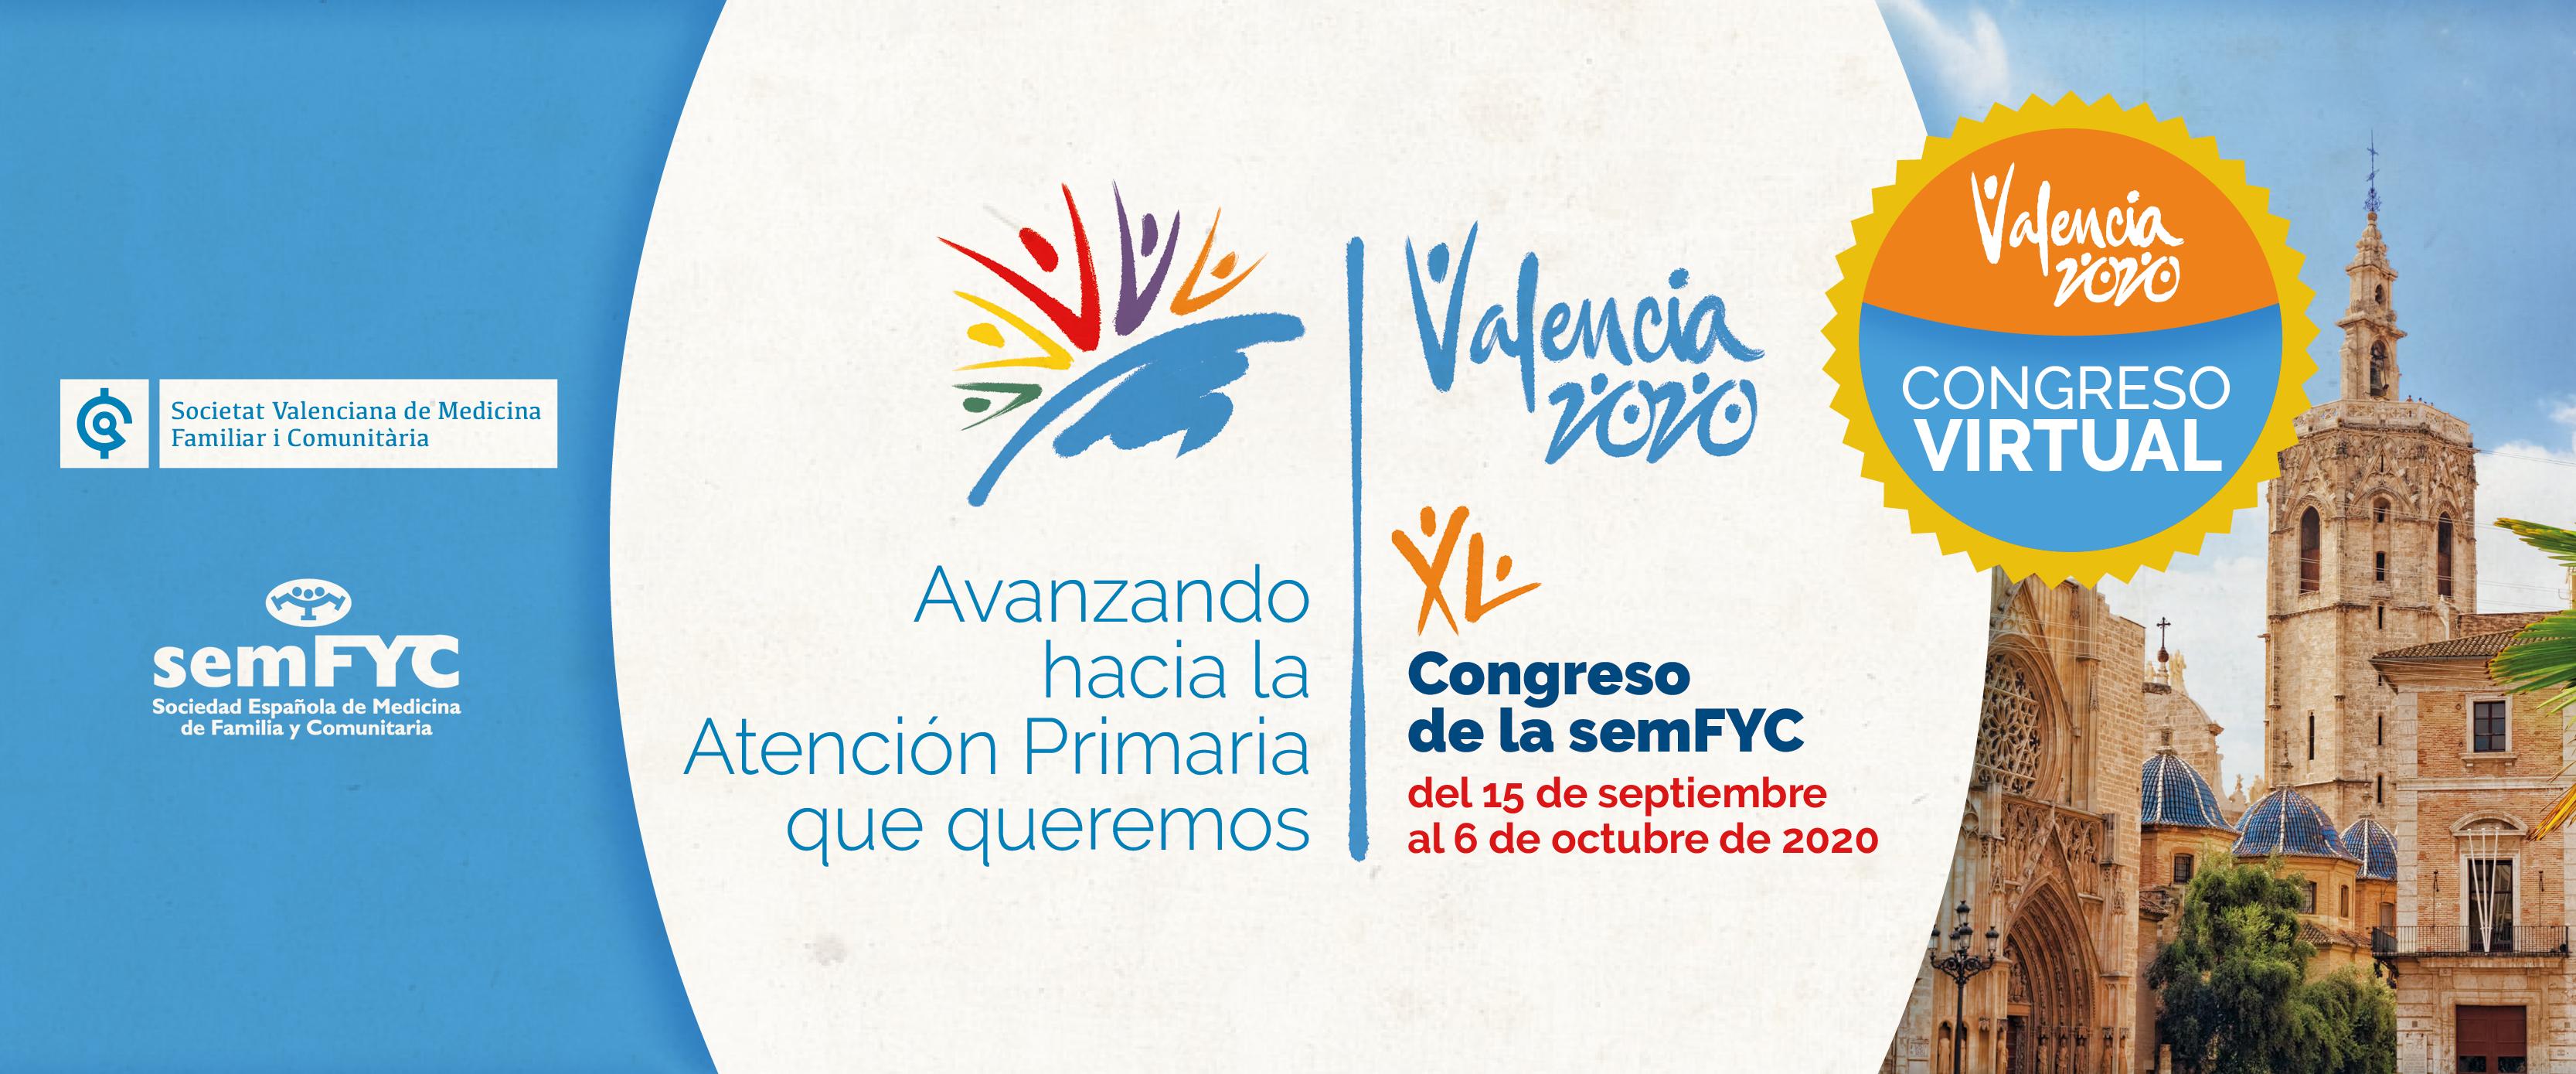 Congreso SemFYC 2020